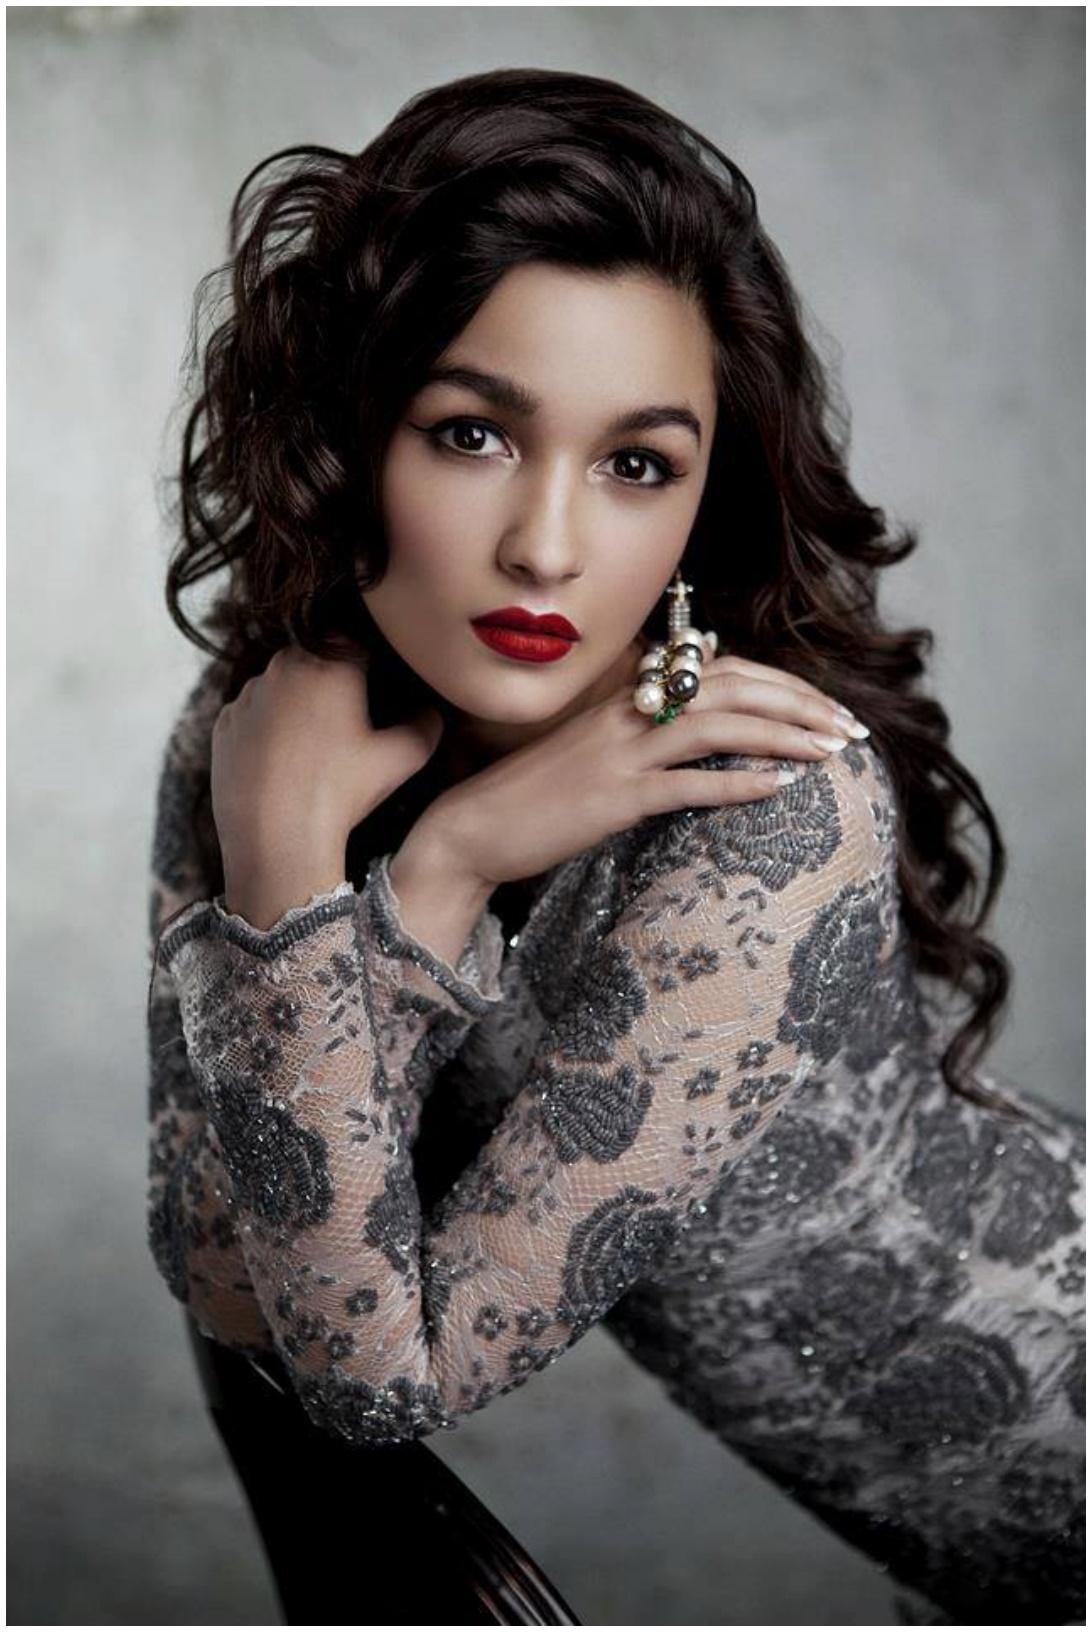 Alia bhatt new movie Raazi images